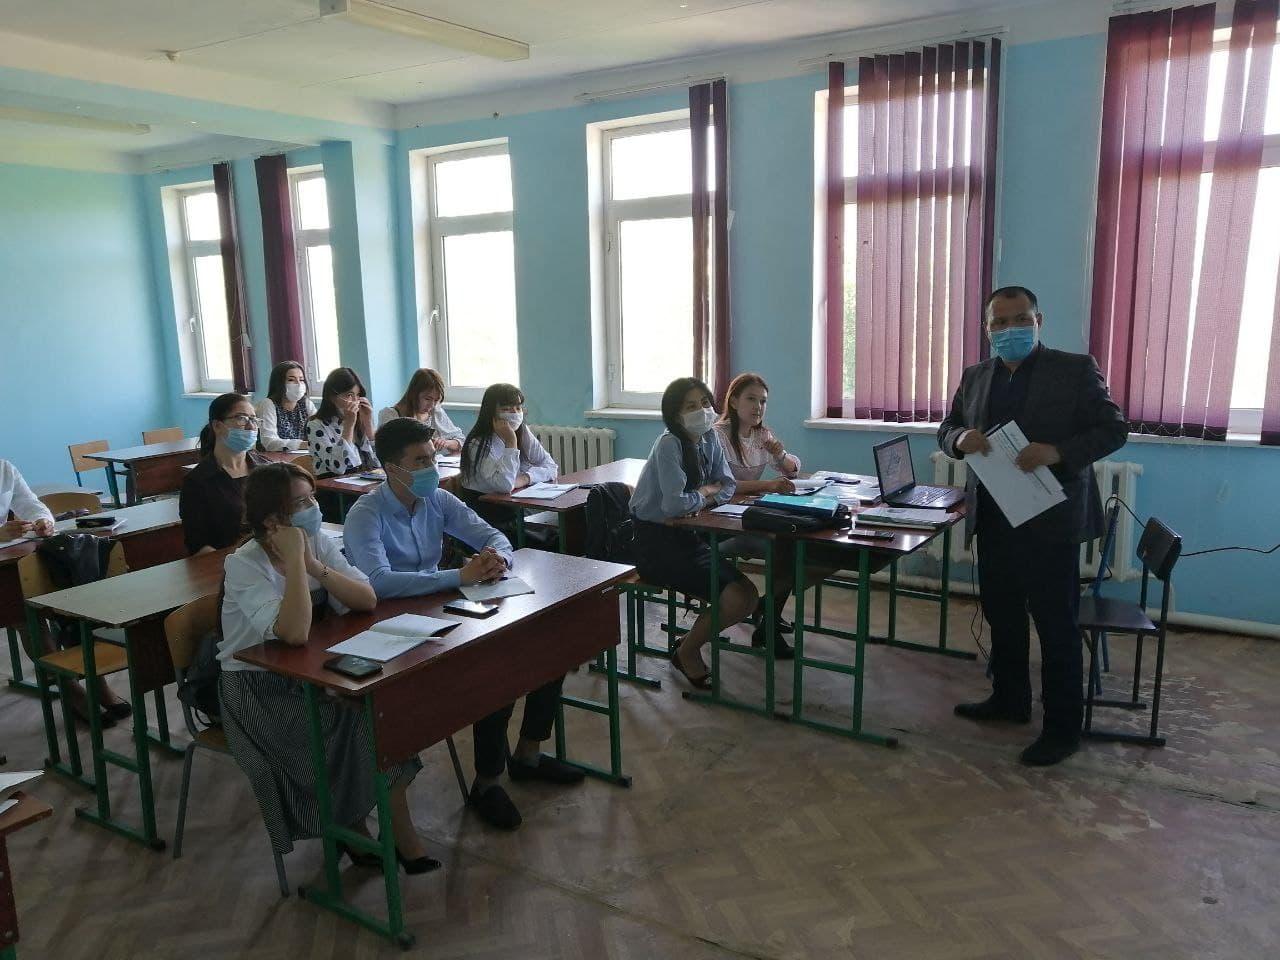 photo 2021 04 24 10 46 59 - Компетентность педагога – ключевой фактор повышения качества образования.